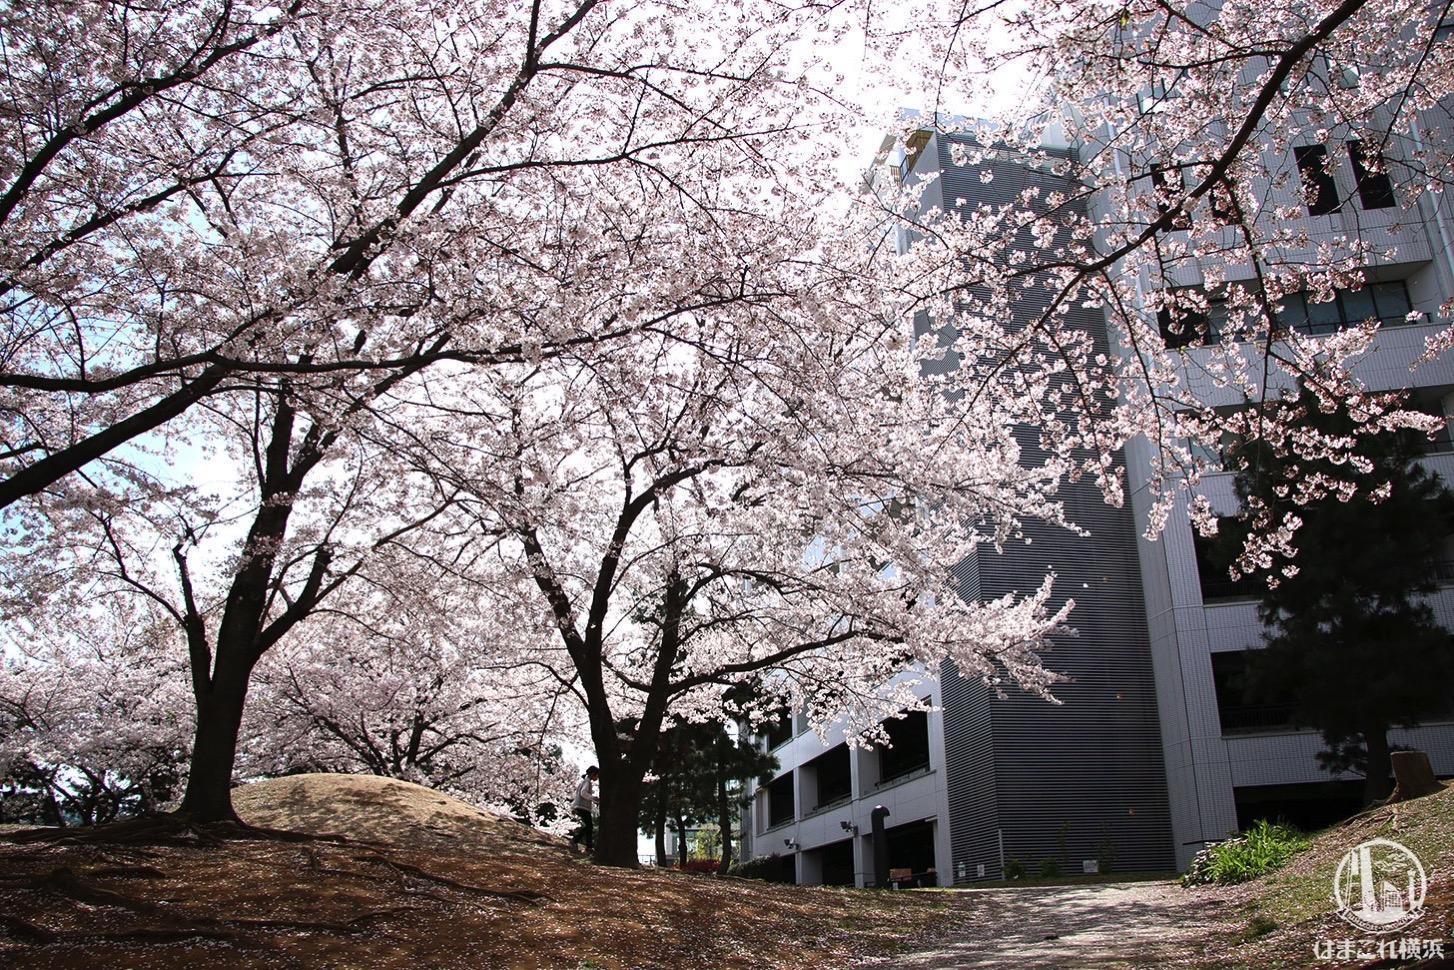 カップヌードルミュージアムパーク(新港パーク)の桜